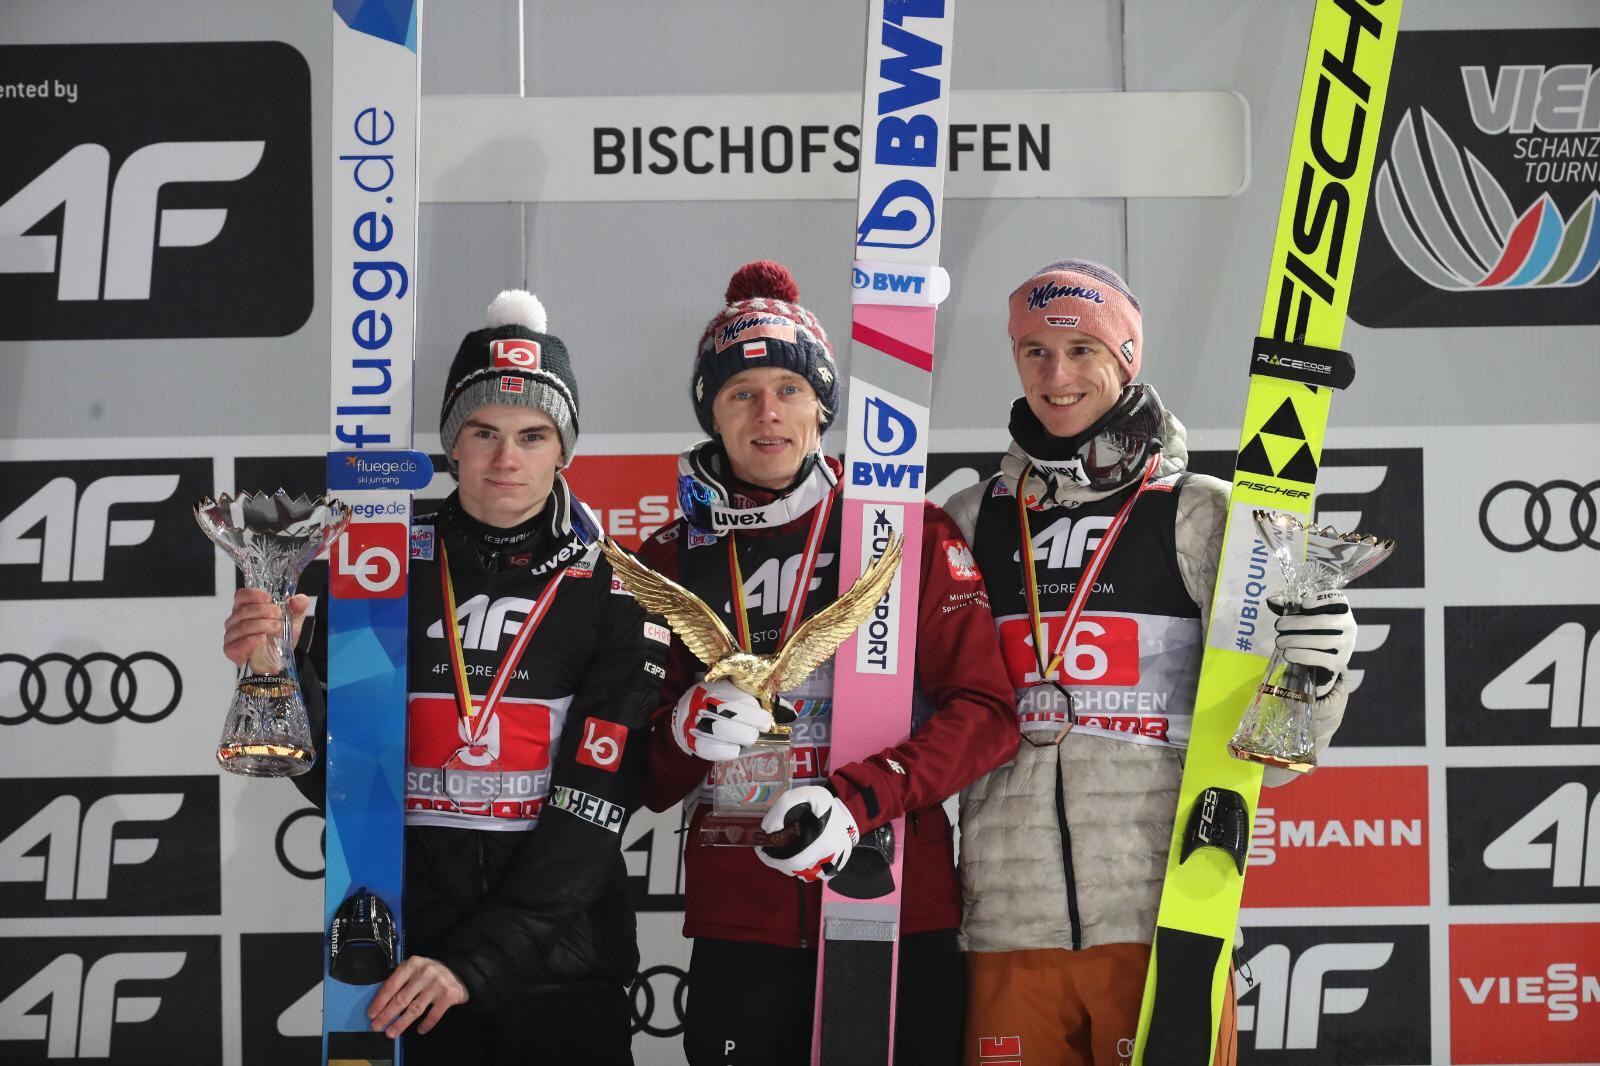 Tourneesieger Vierschanzentournee